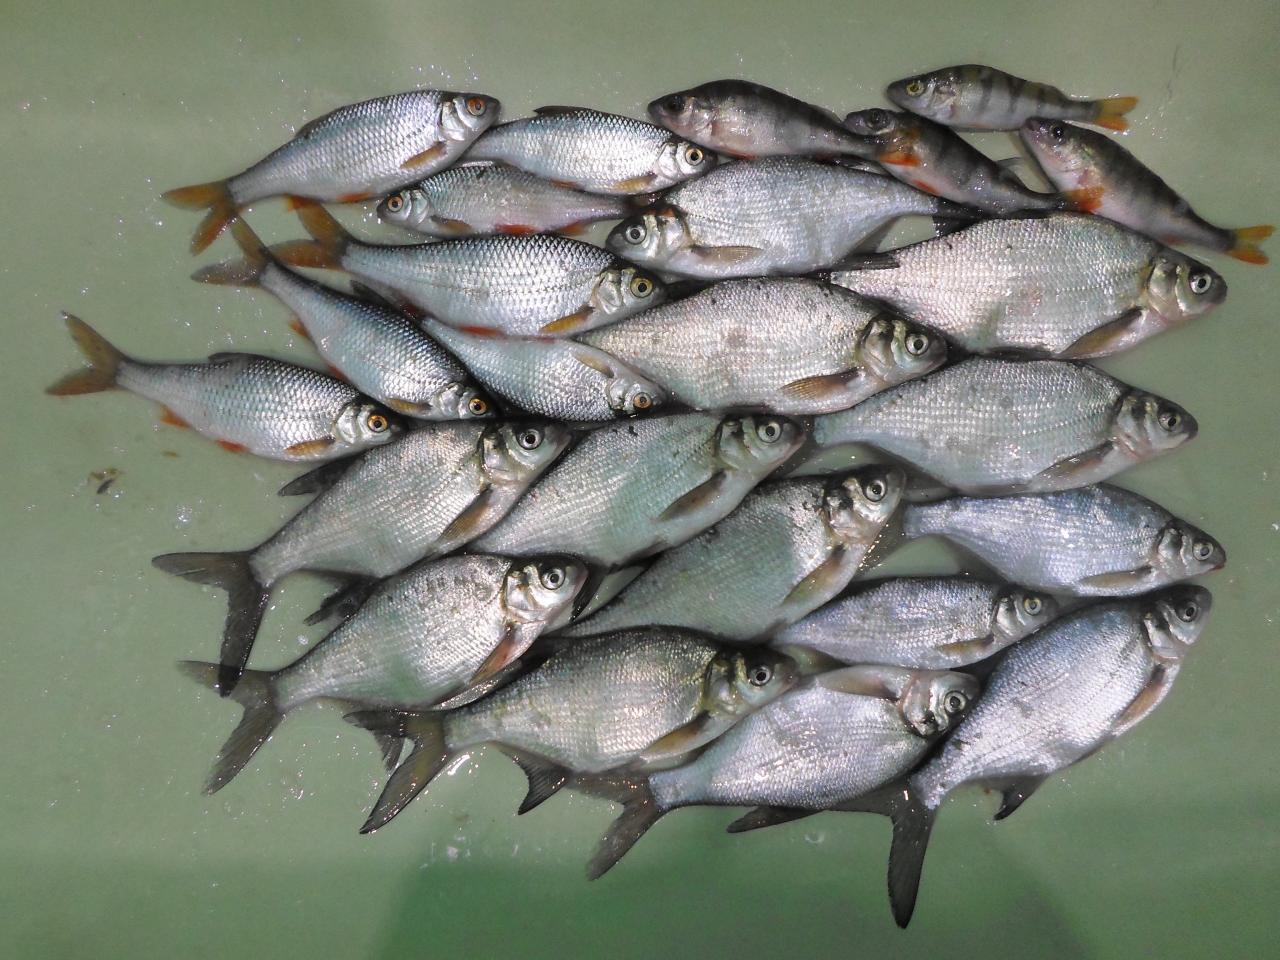 Сегодня ловил в том же месте где вчера ...   Отчеты о рыбалке в Беларуси